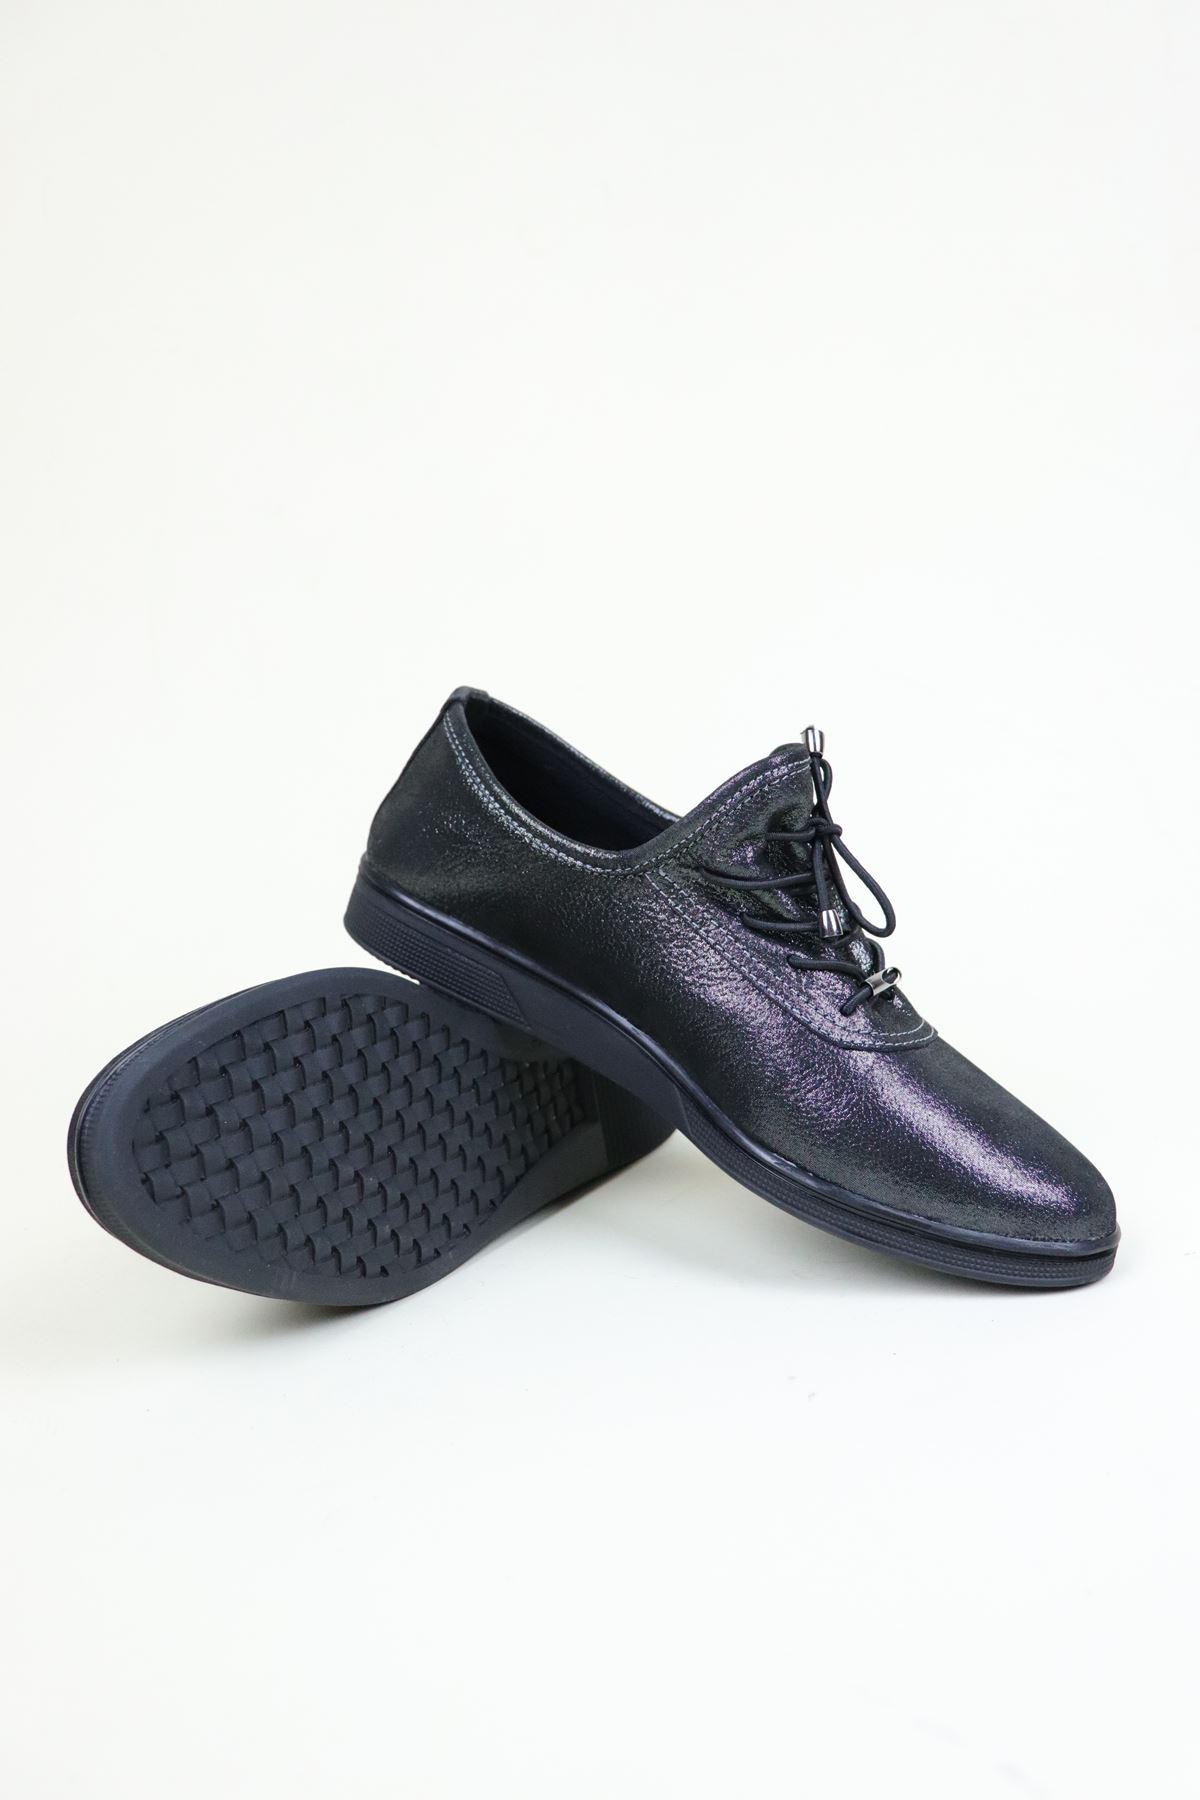 Trend Ayakkabı 0135 Çelik Simli  Kadın Ayakkabı